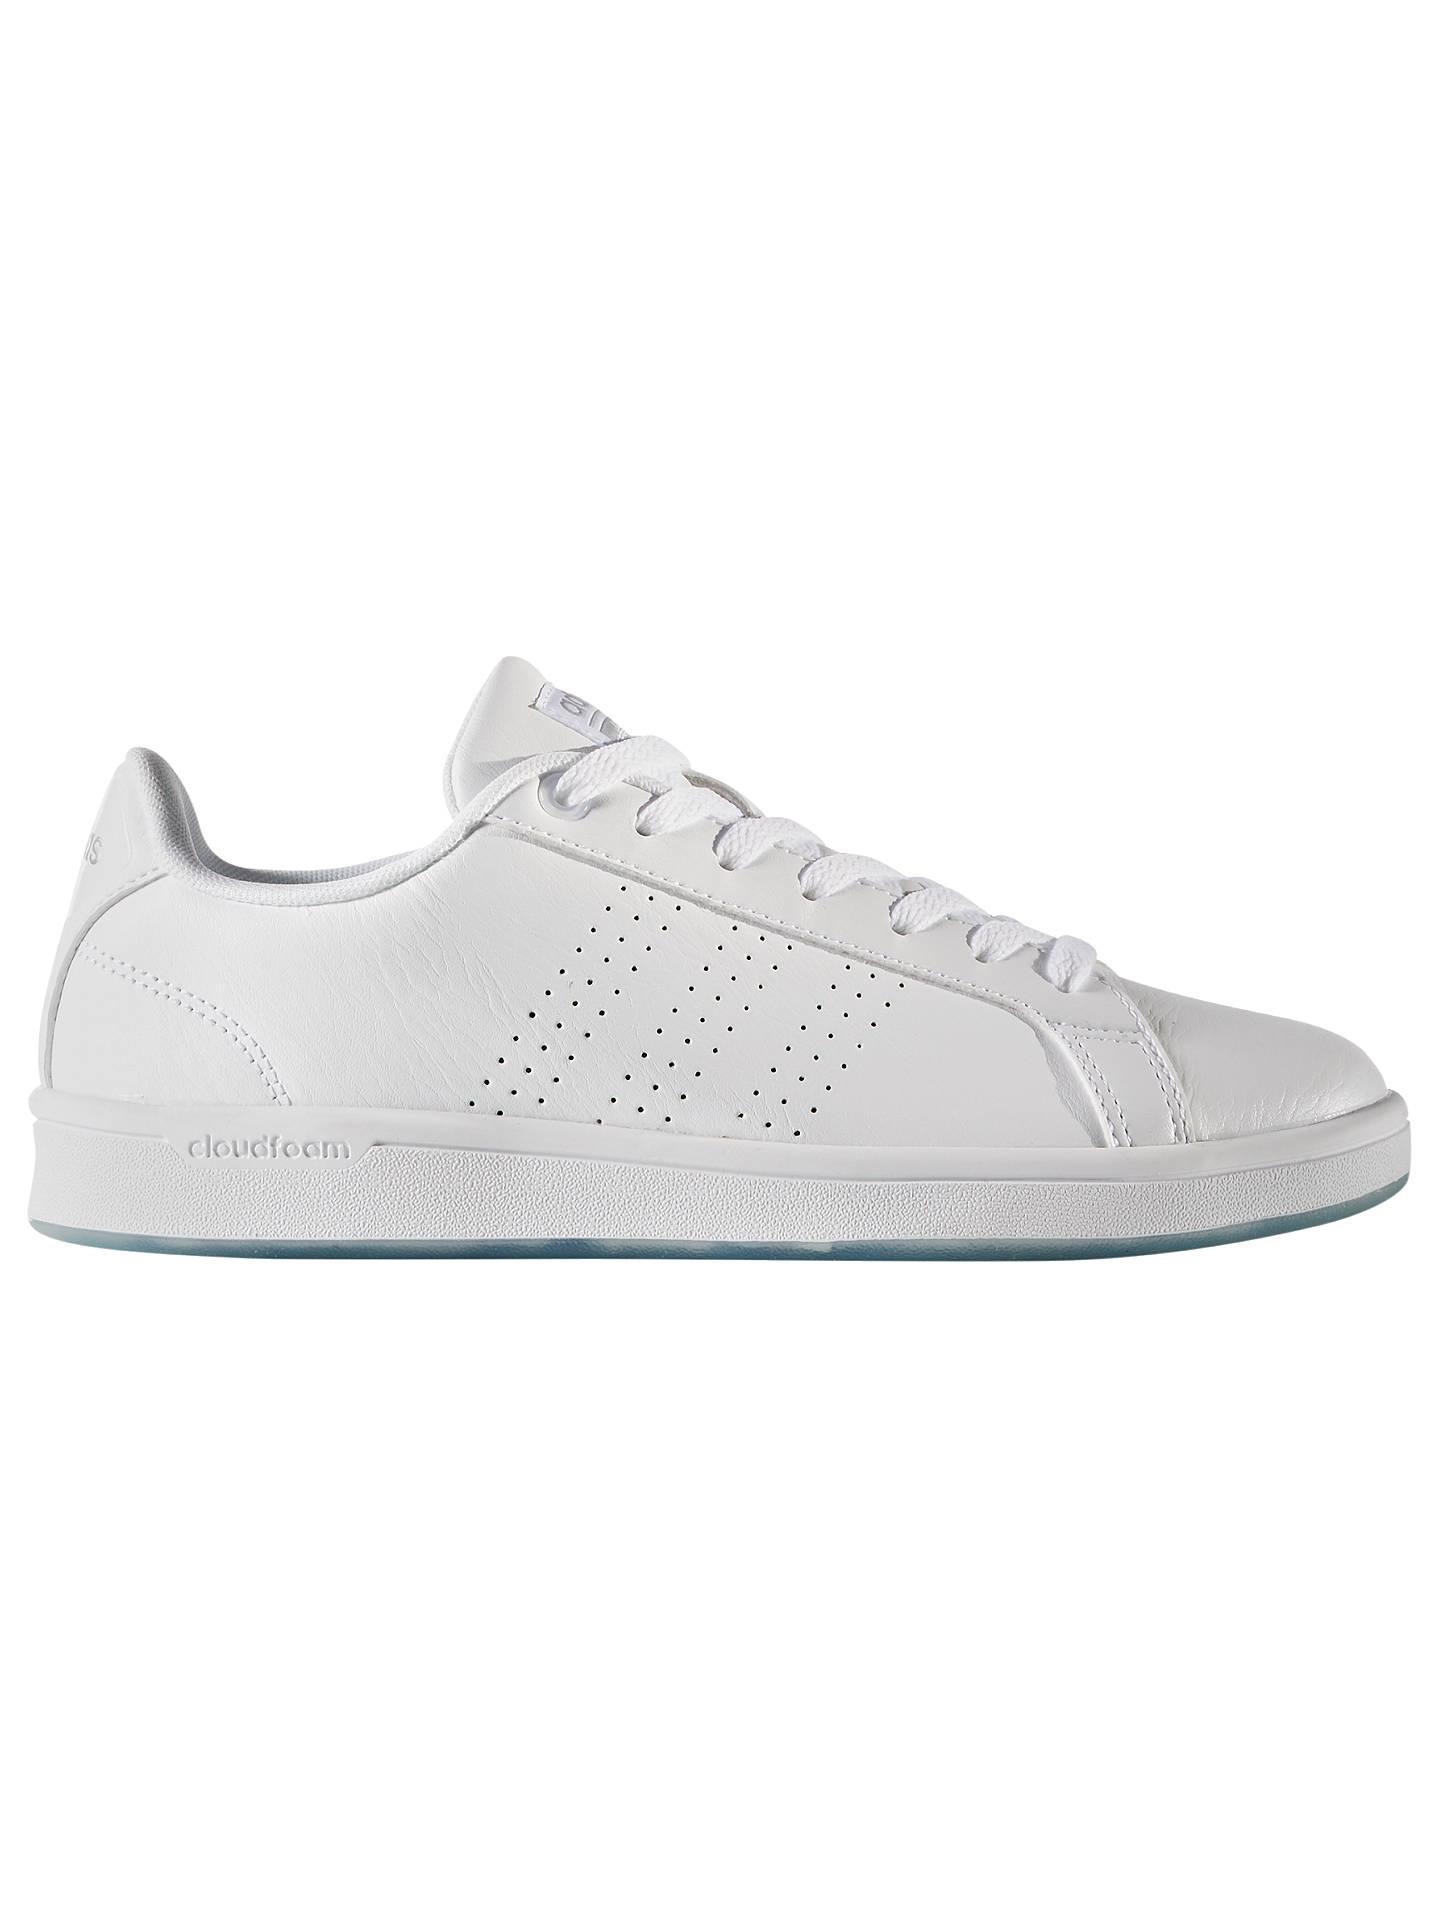 d03049a778d Buy adidas Cloudfoam Advantage Clean Women s Trainers